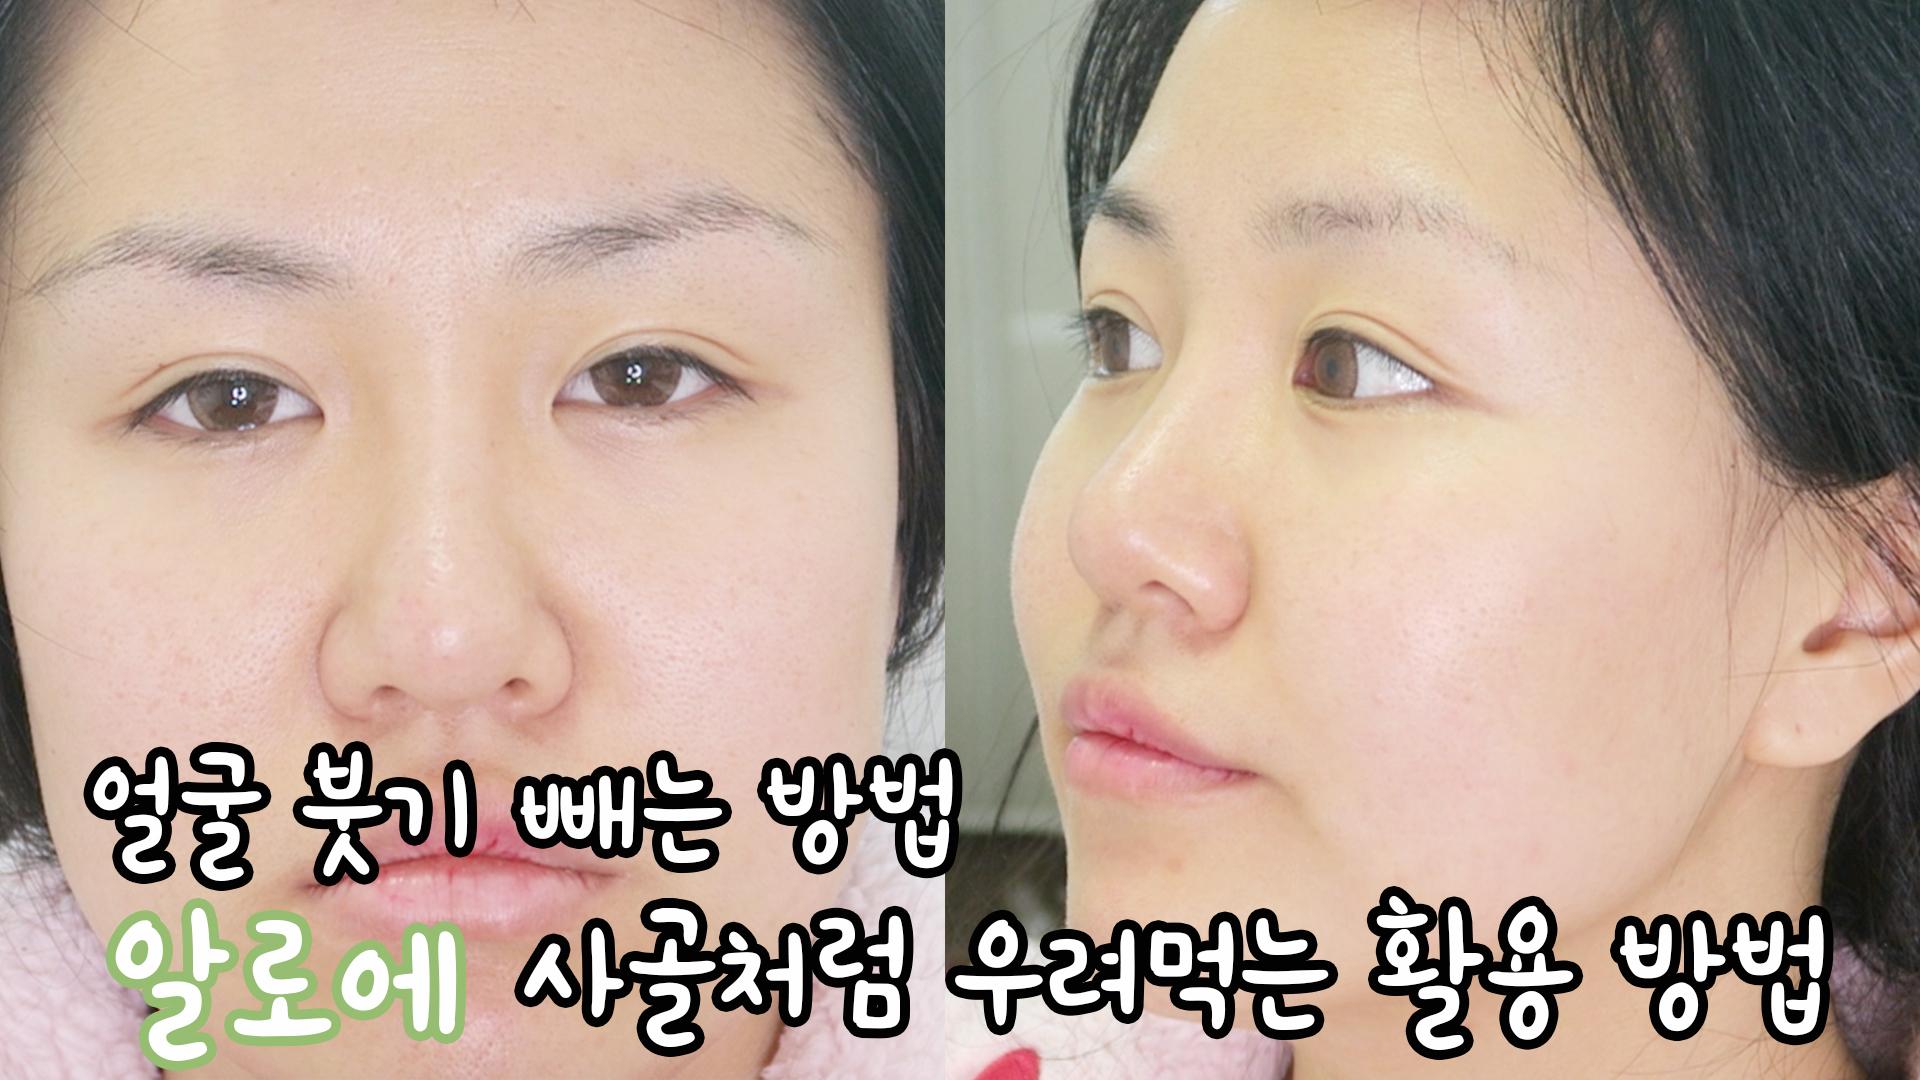 얼굴 붓기 빼는법, 알로에 사골처럼 우려먹는 활용법 How to Reduce Facial Swelling